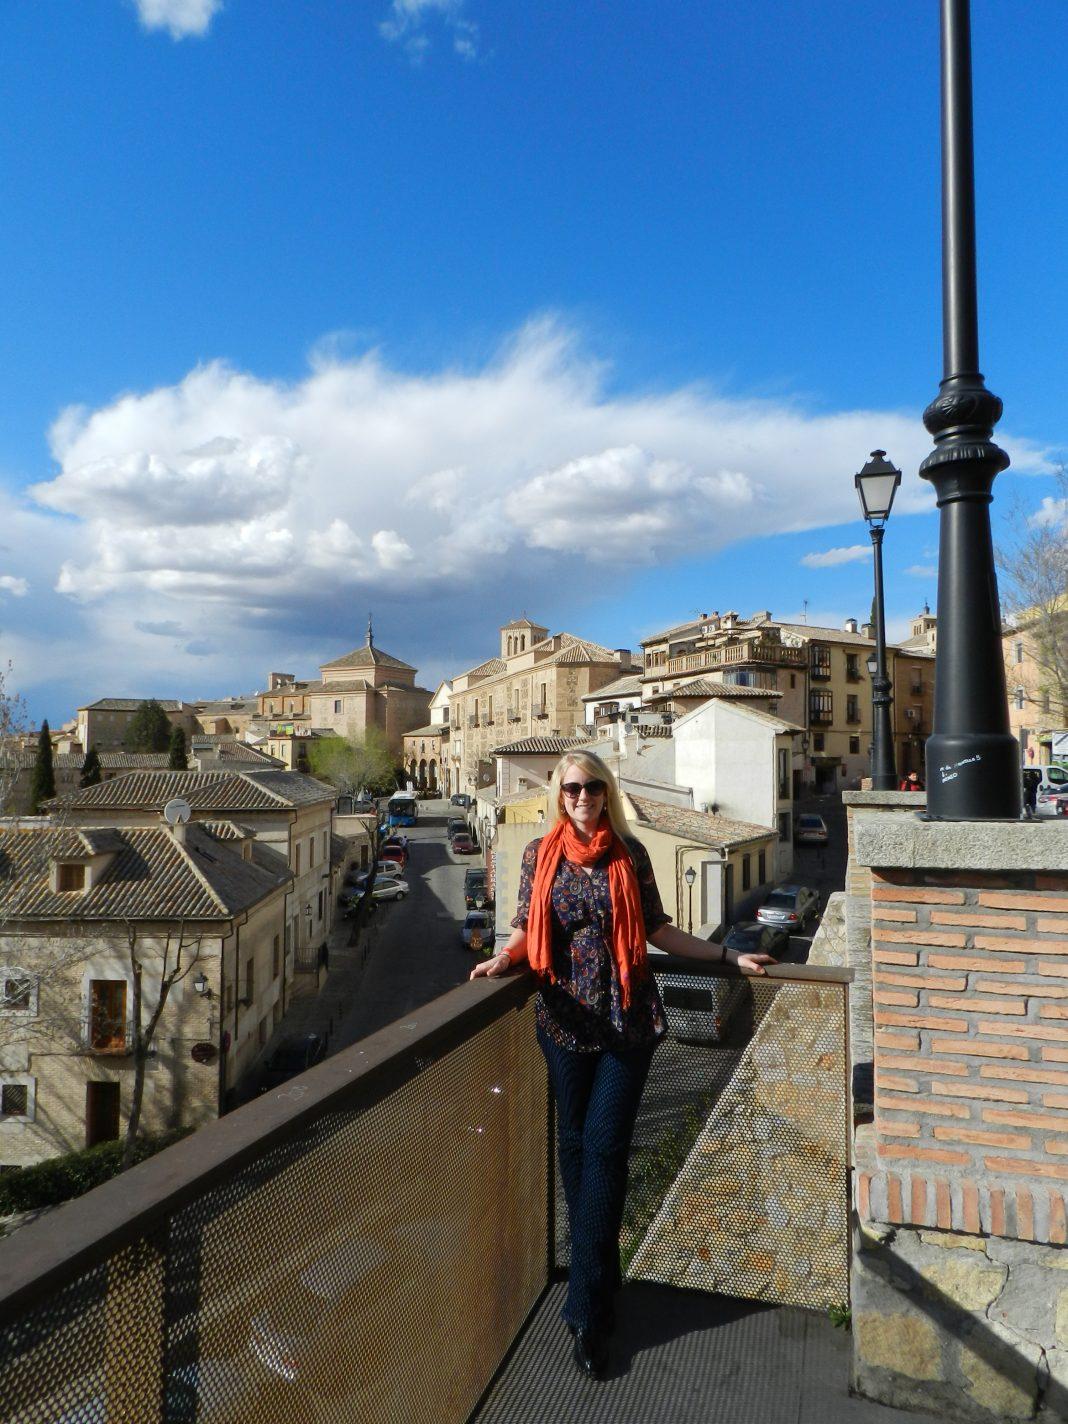 Aimee in Spain 2012